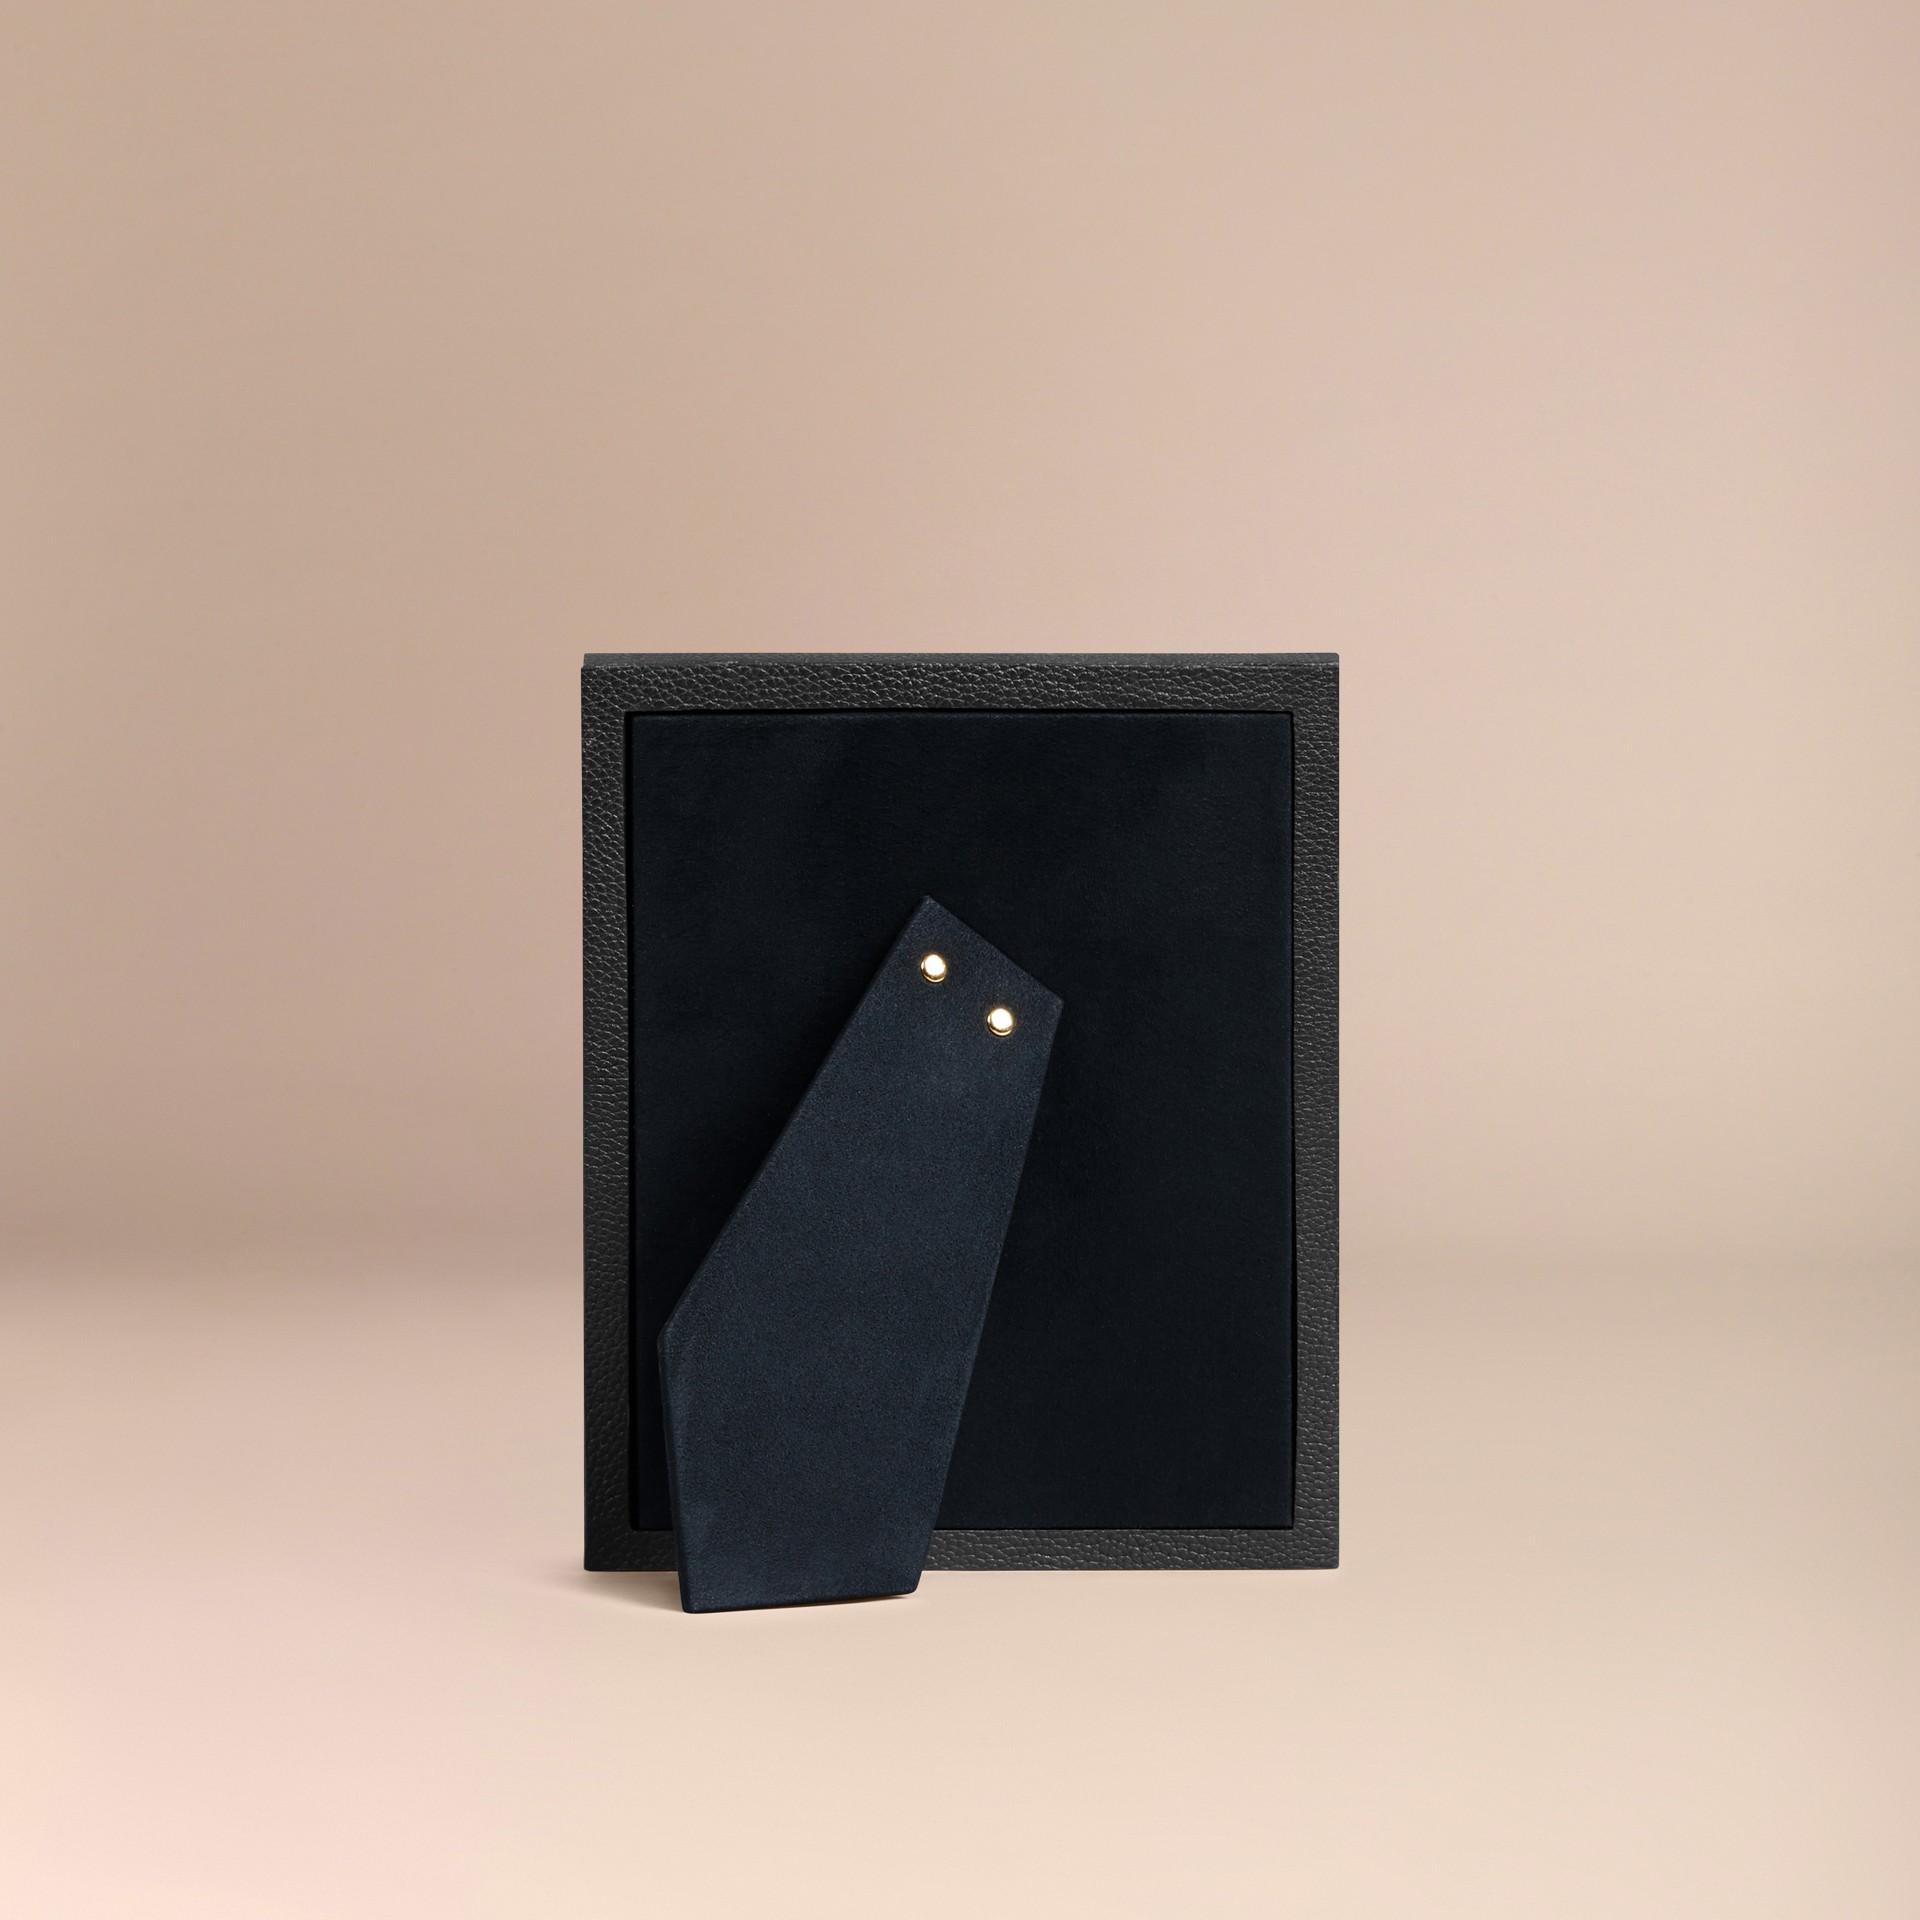 Schwarz Mittelgroßer Bilderrahmen aus genarbtem Leder Schwarz - Galerie-Bild 3